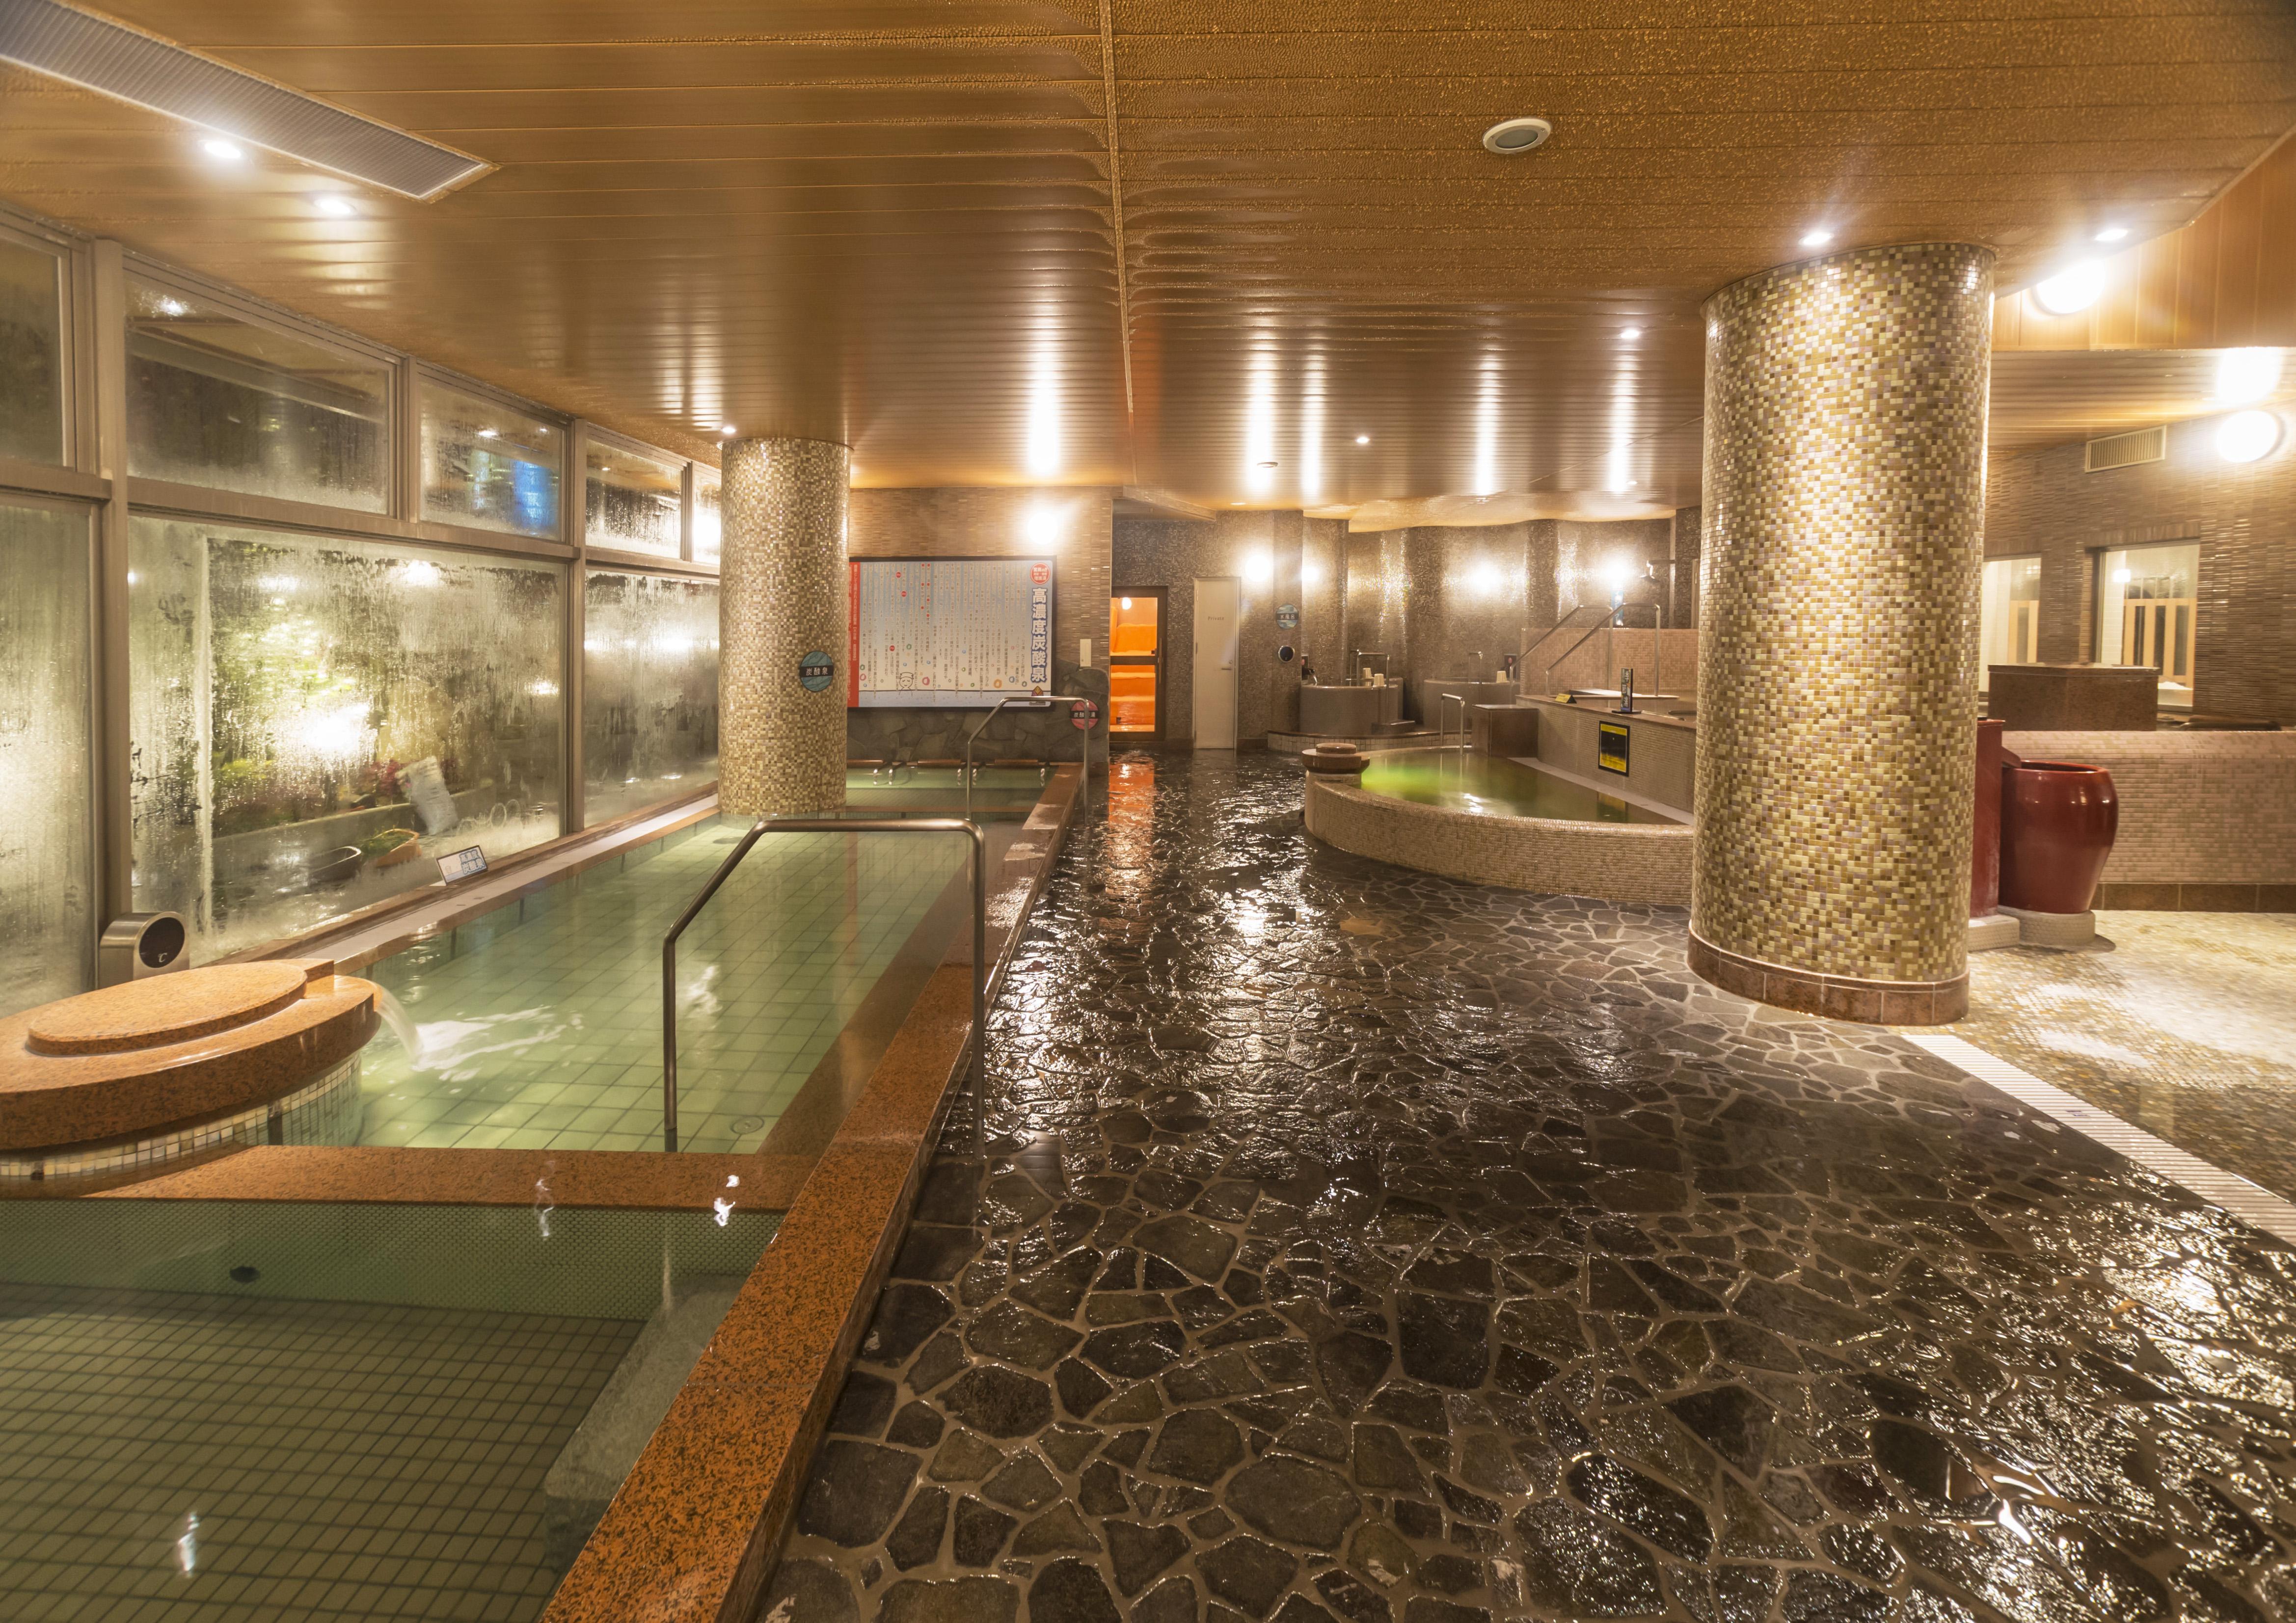 天然温泉と広々岩盤浴でリフレッシュ。おこもりにぴったりな究極の楽園「Canal Resort 」 - e8aac396dac03b43dd62c7e2c051e657